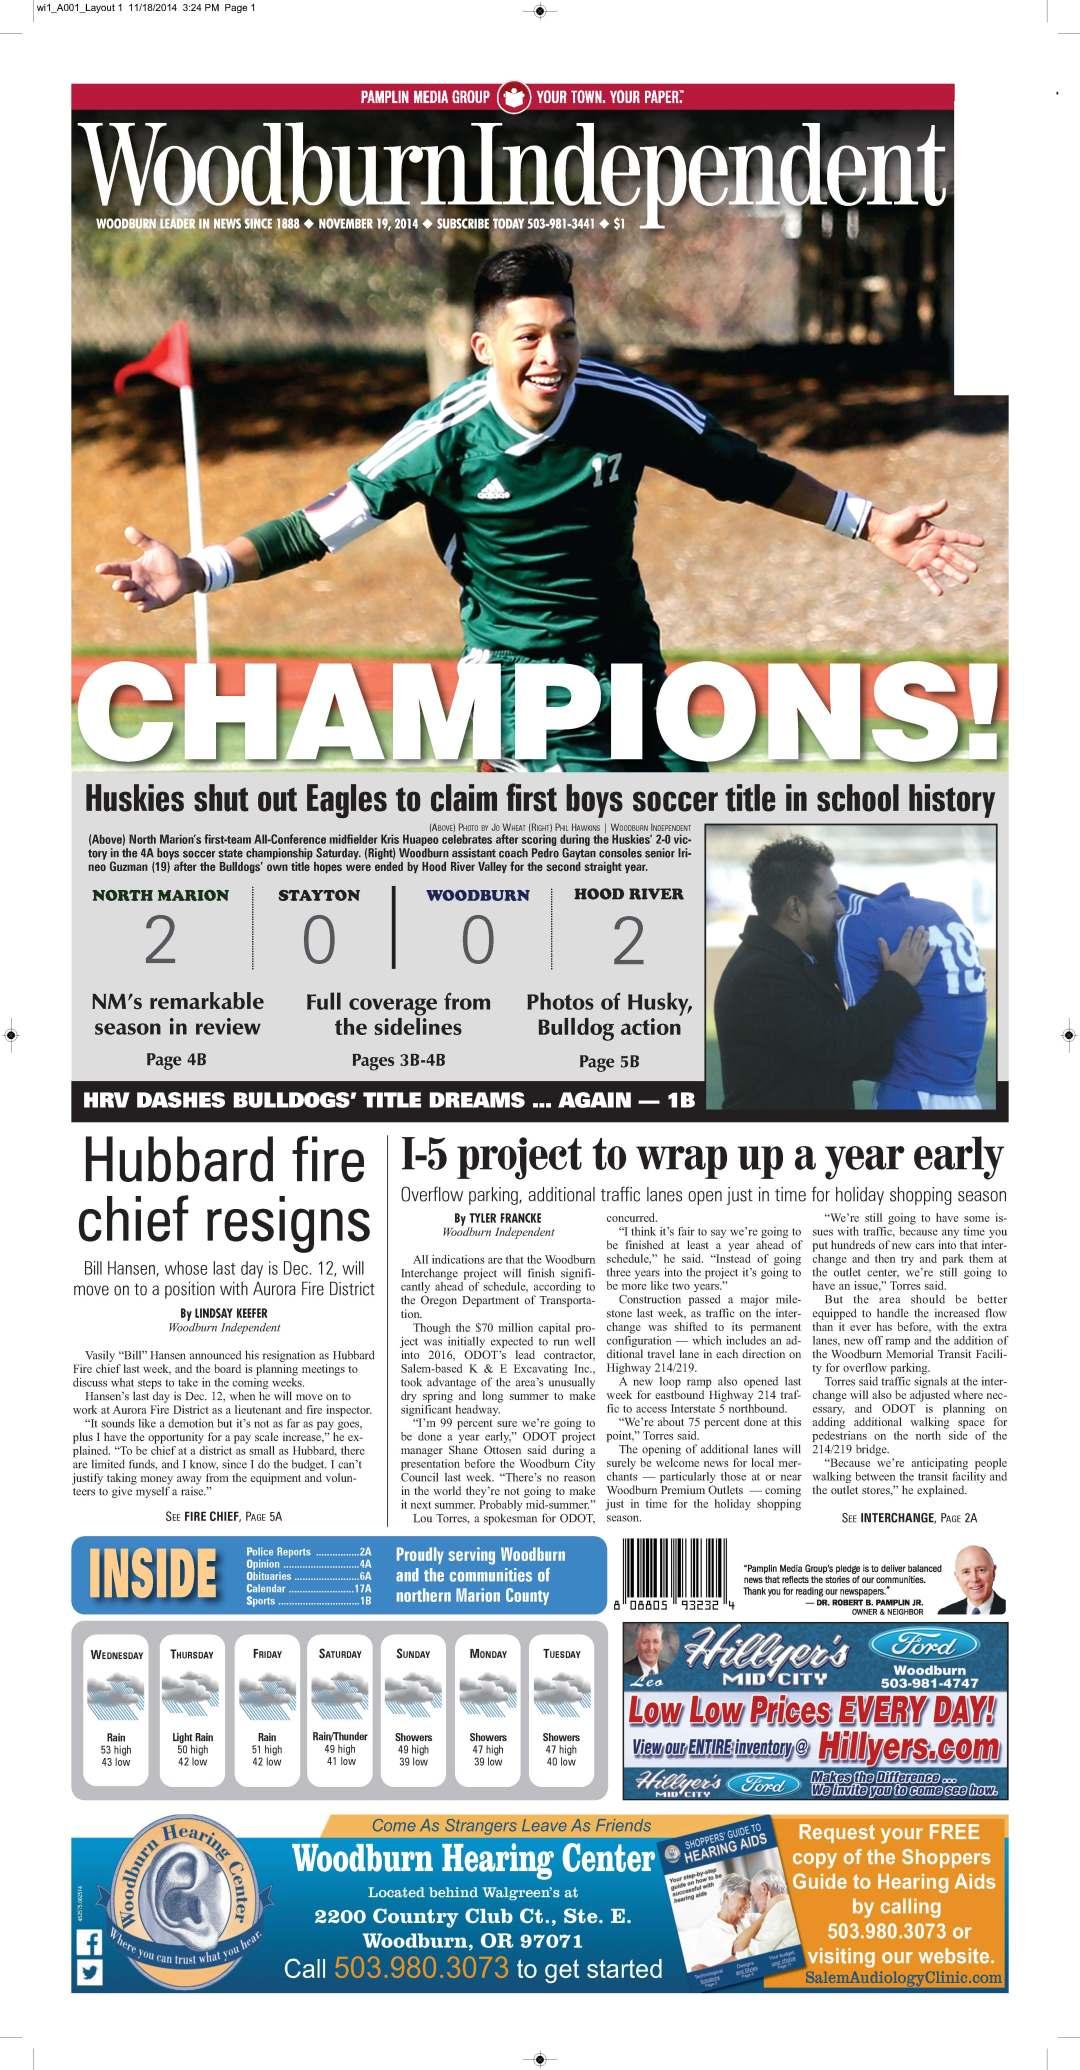 Woodburn Independent | Nov. 19, 2014